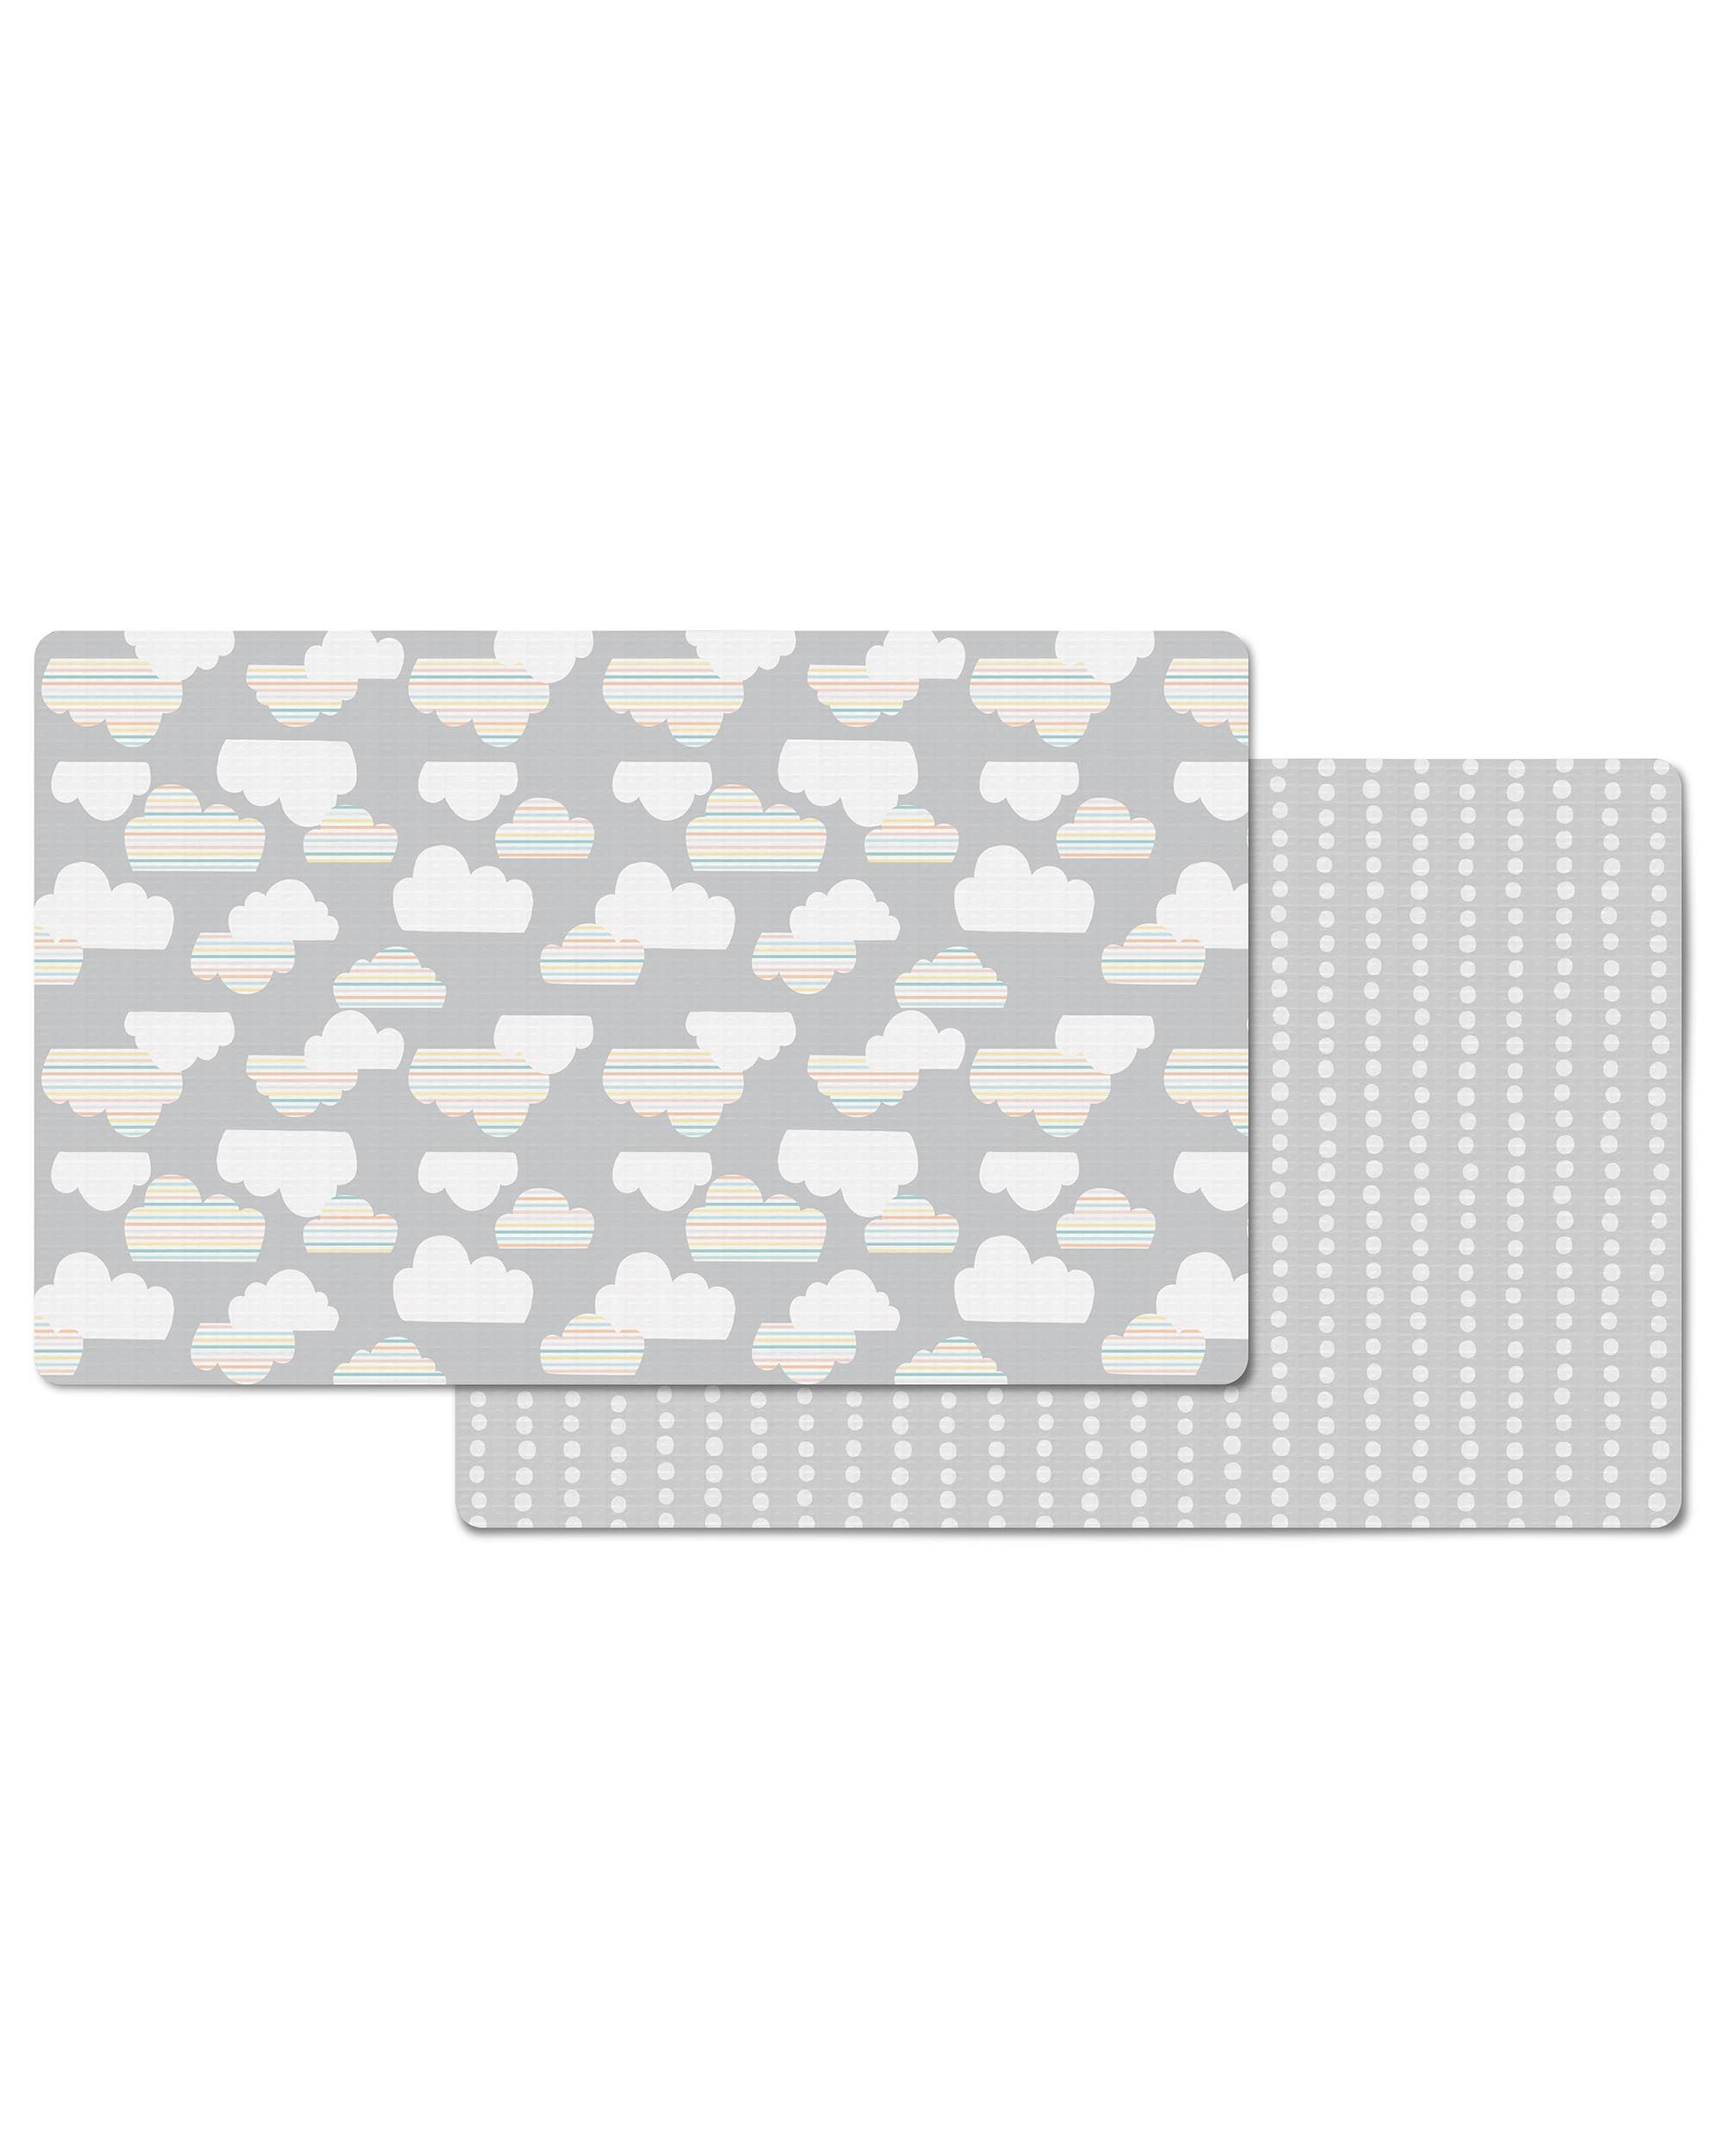 Купить Напольный двусторонний коврик Тучки, 218 х 132 см., Skip Hop